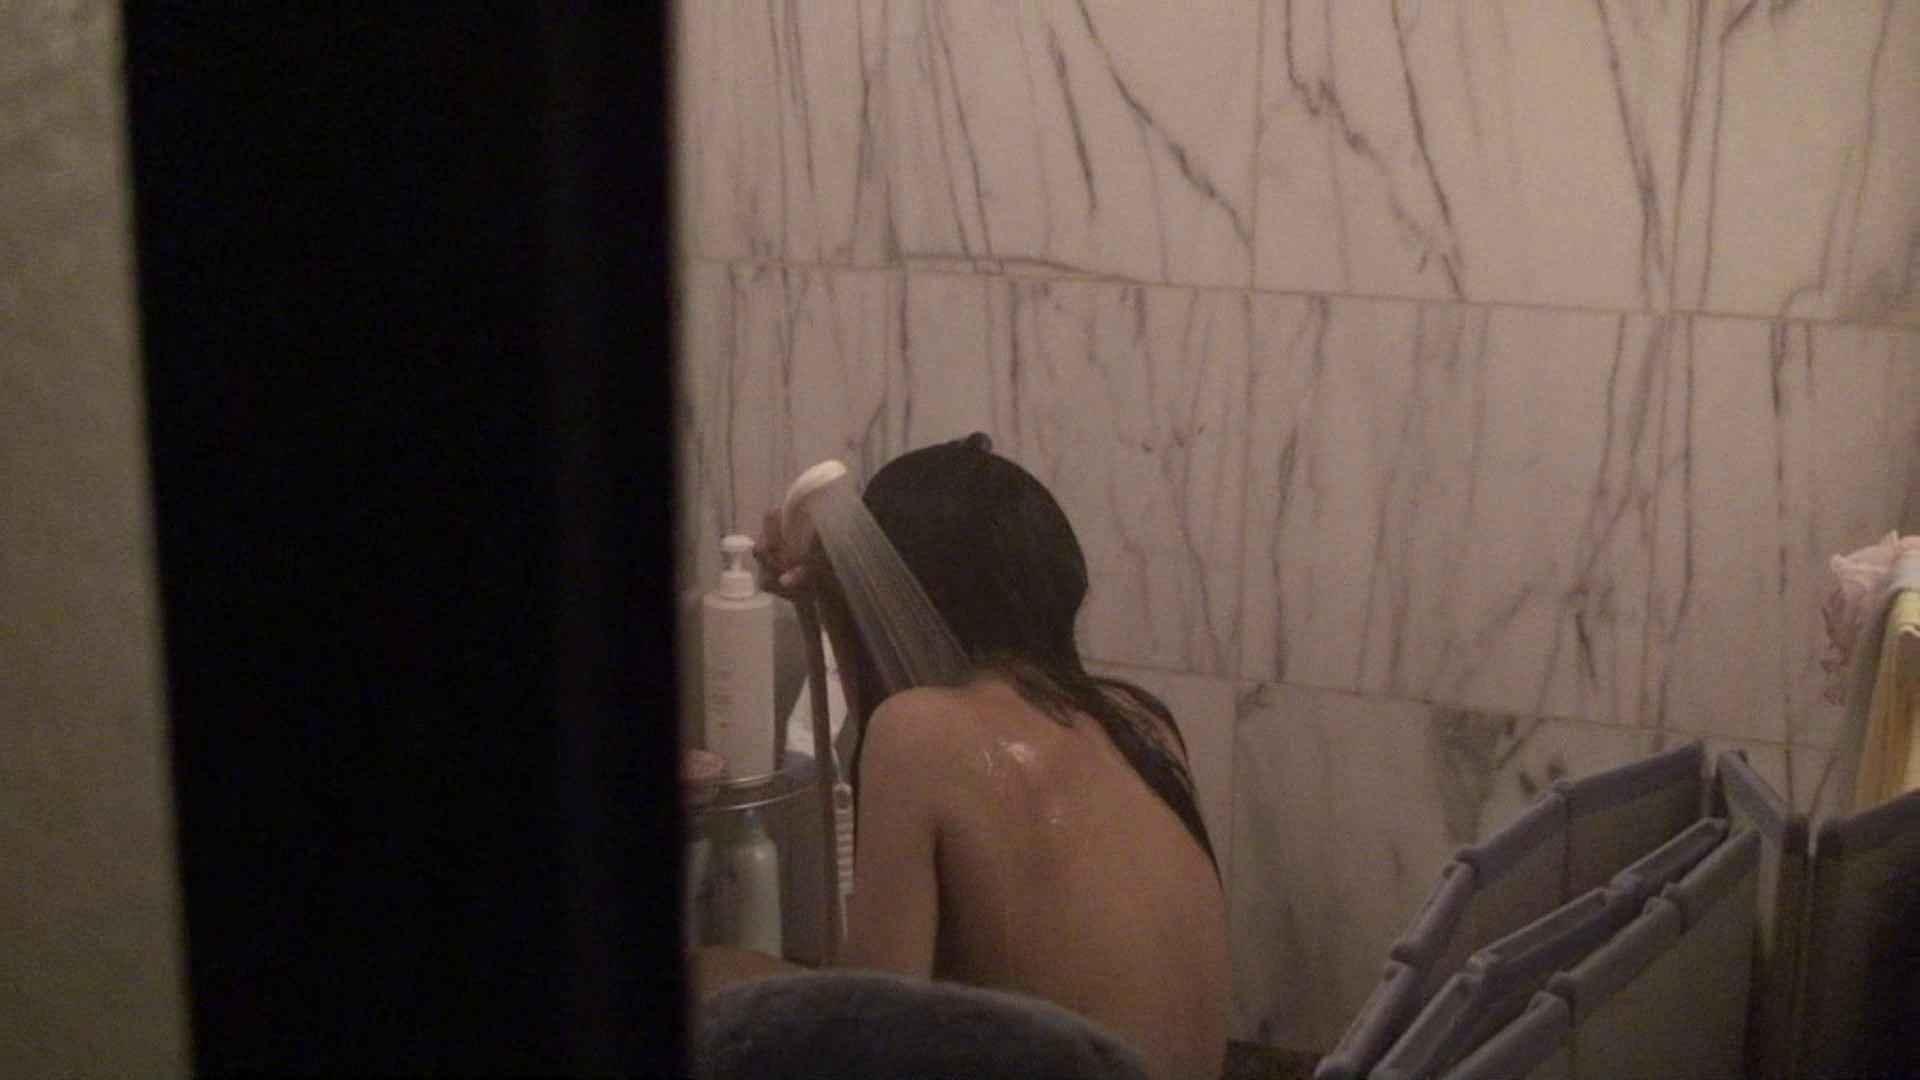 無修正おまんこ動画|vol.03歌いながらつるつるのおっぱいを洗い流す彼女!近すぎてバレちゃた!?|怪盗ジョーカー